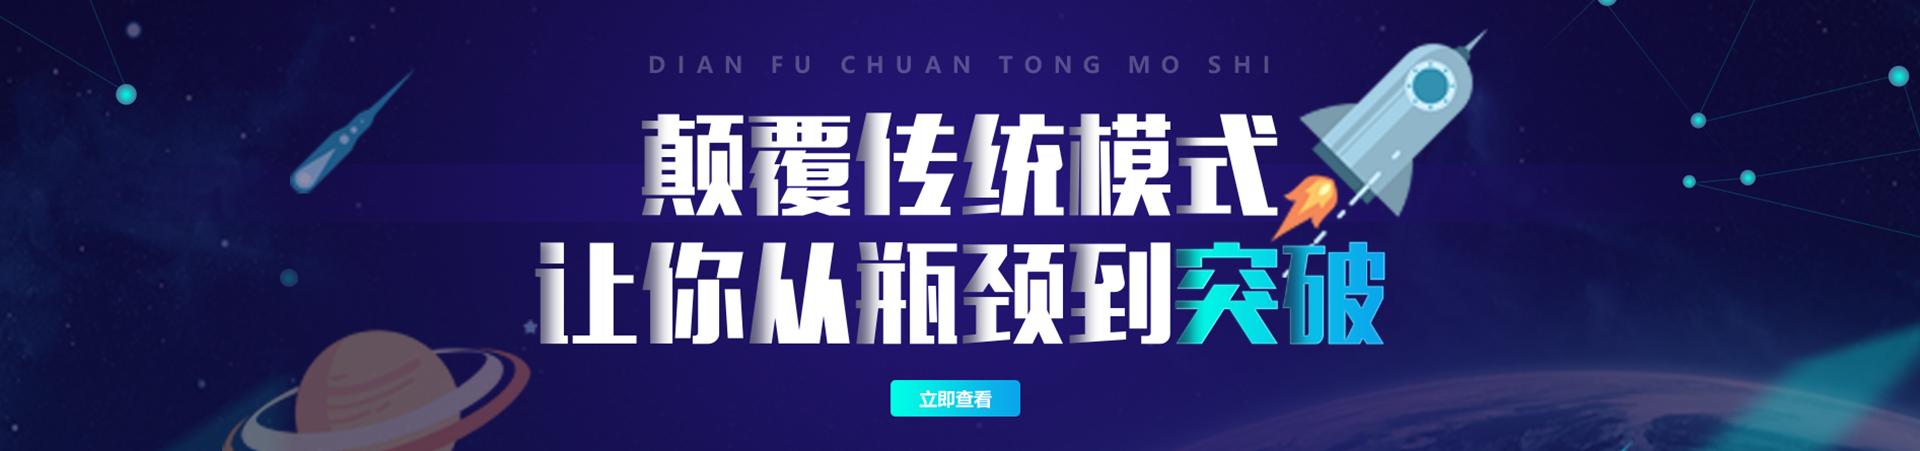 深圳宝安沙井维特国际英语培训机构